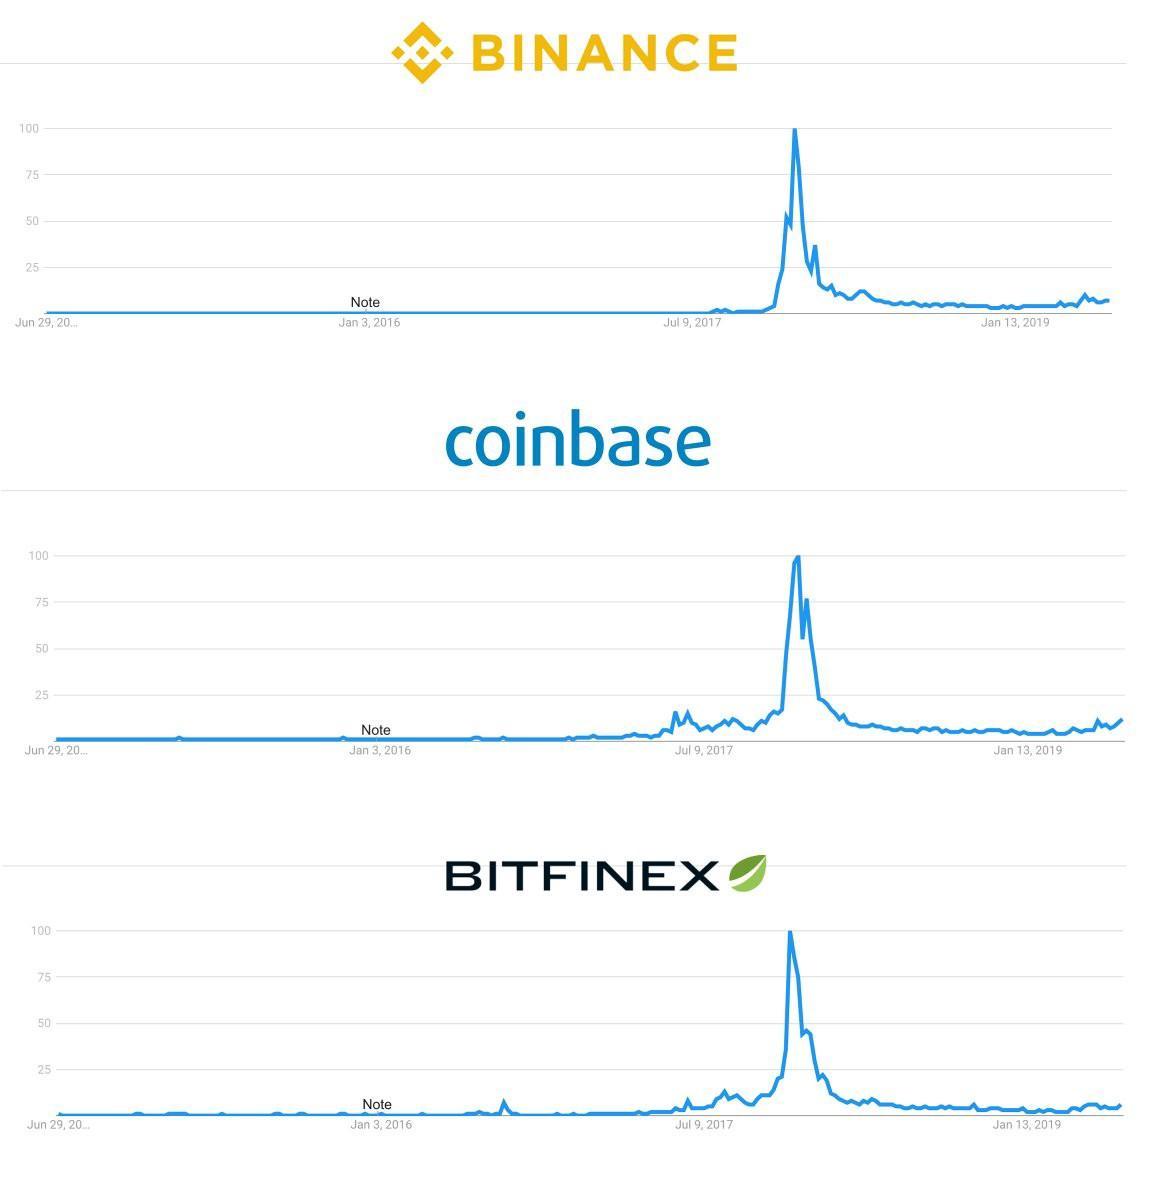 Количество поисковых запросов по словам  «Binance», «Coinbase» и «Bitfinex» демонстрирует минимальный рост с начала года